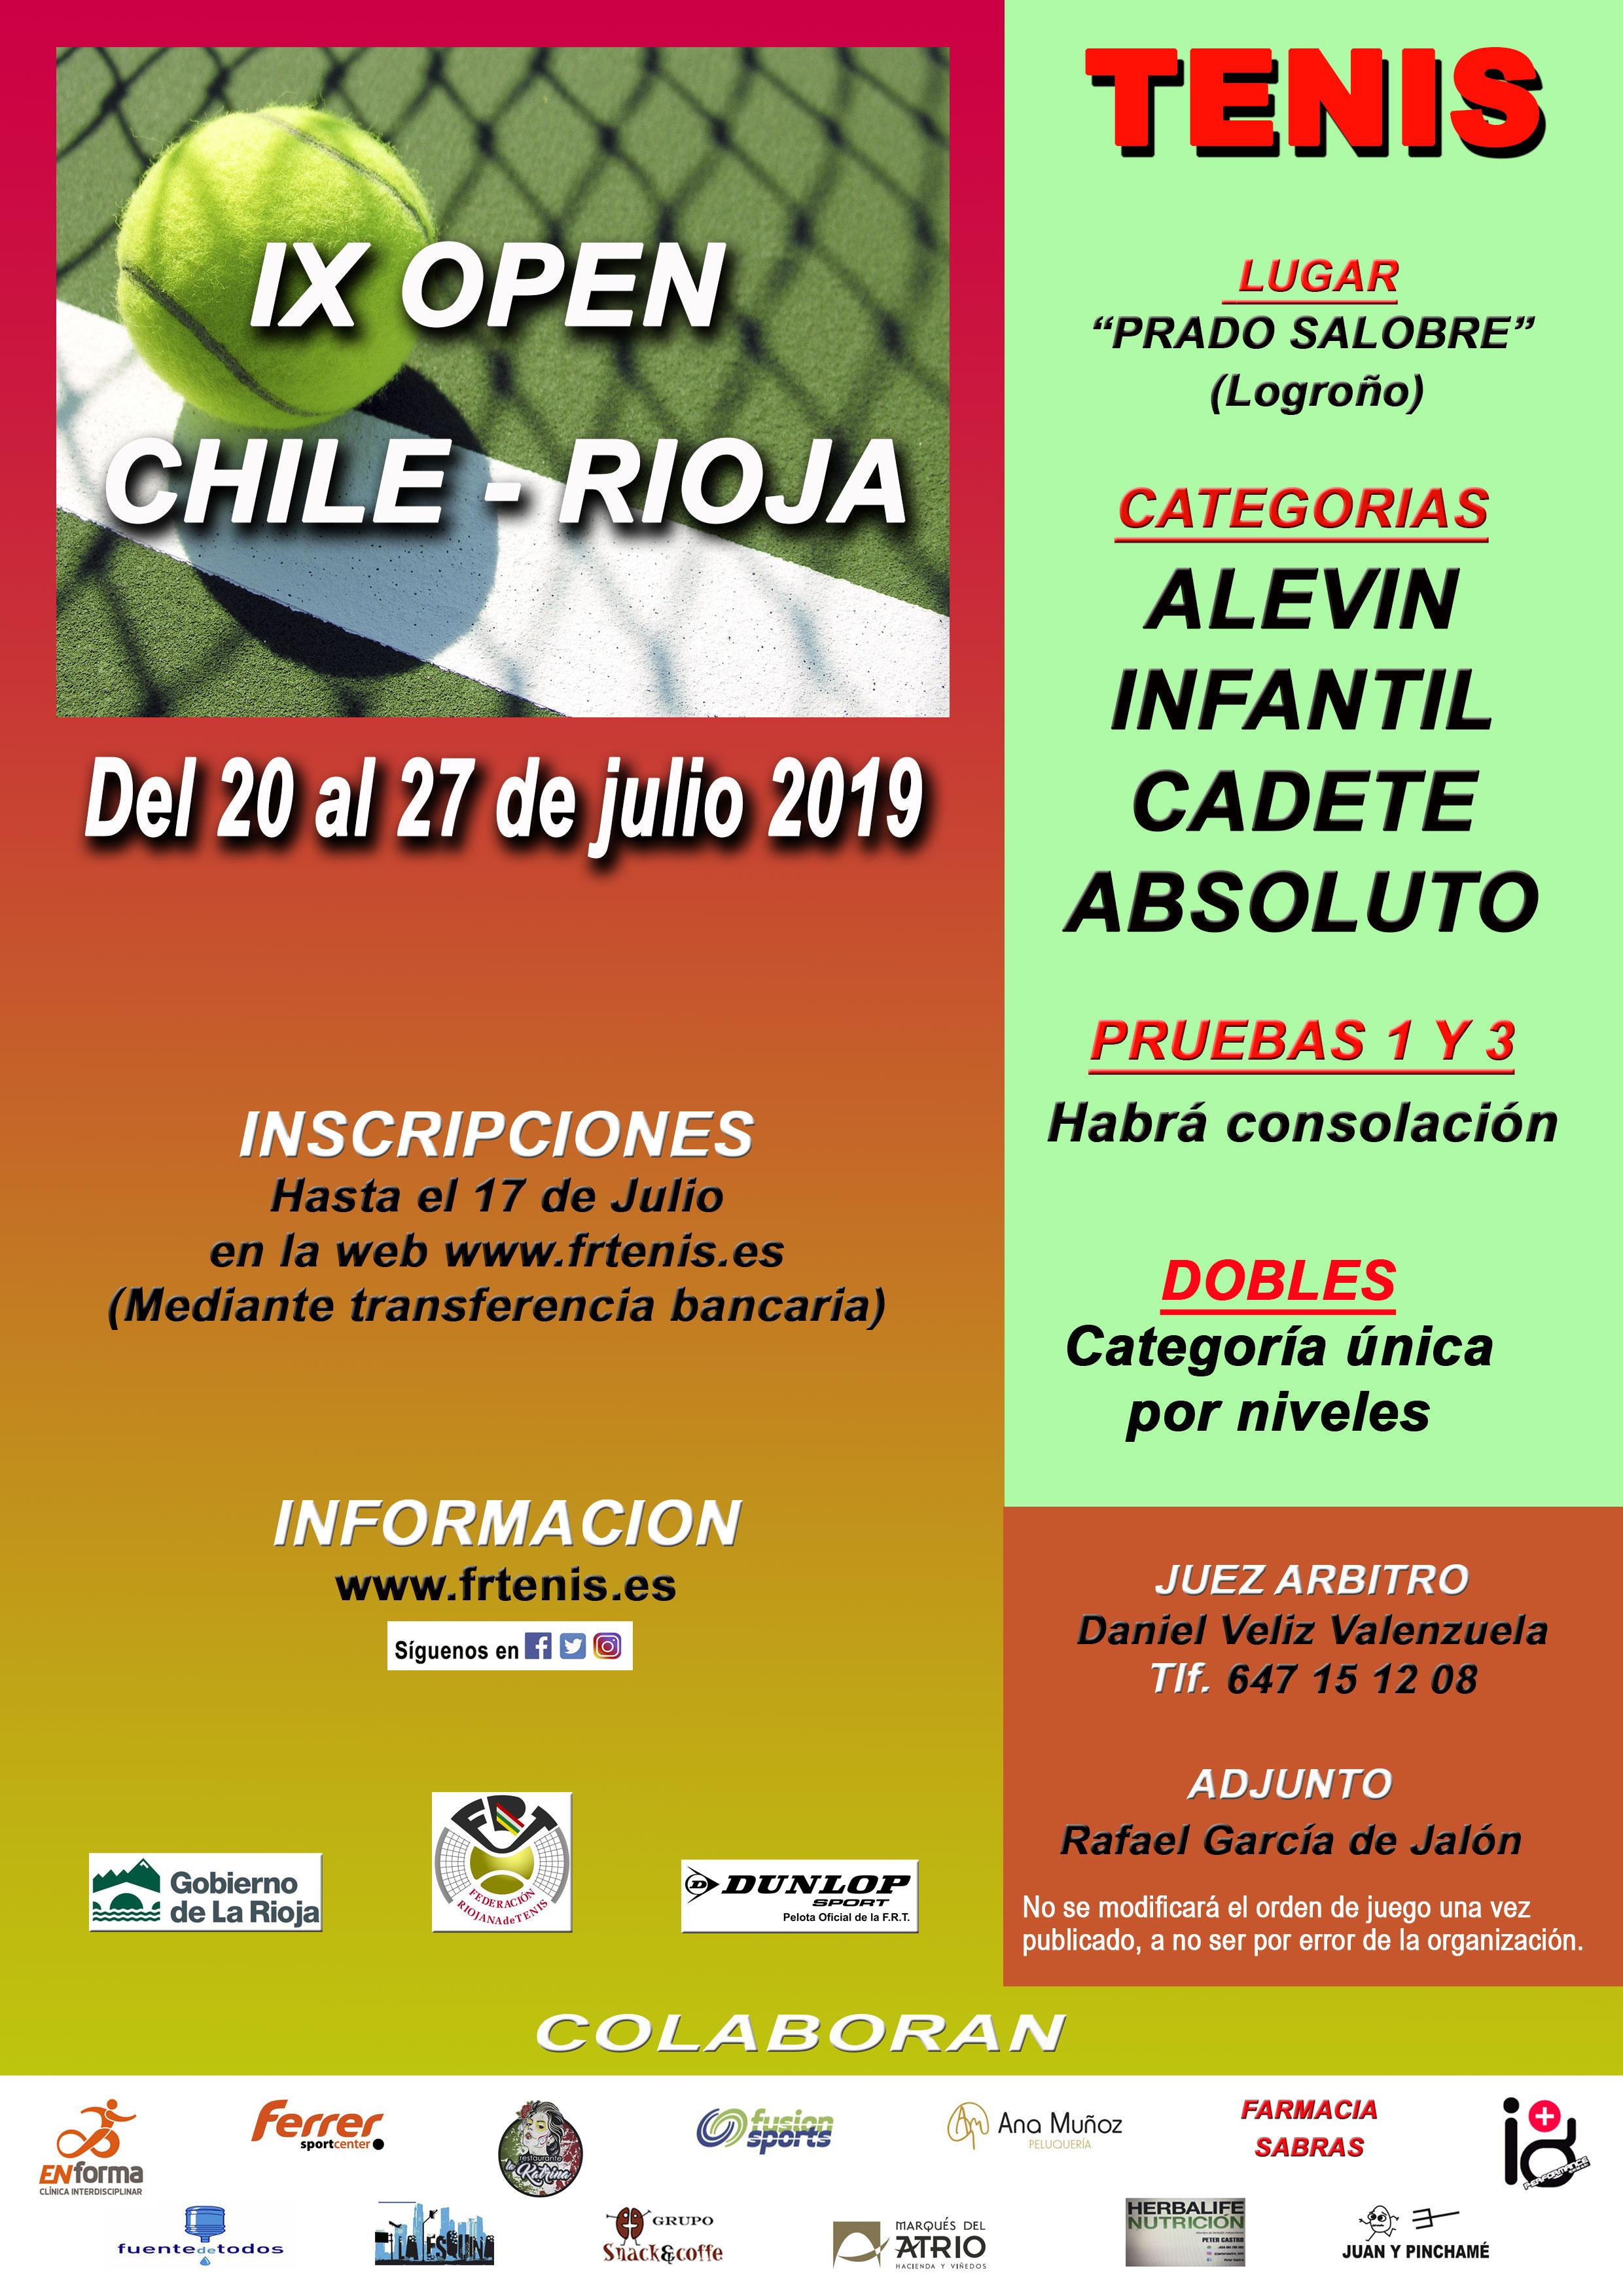 IX Open Chile Rioja 2019